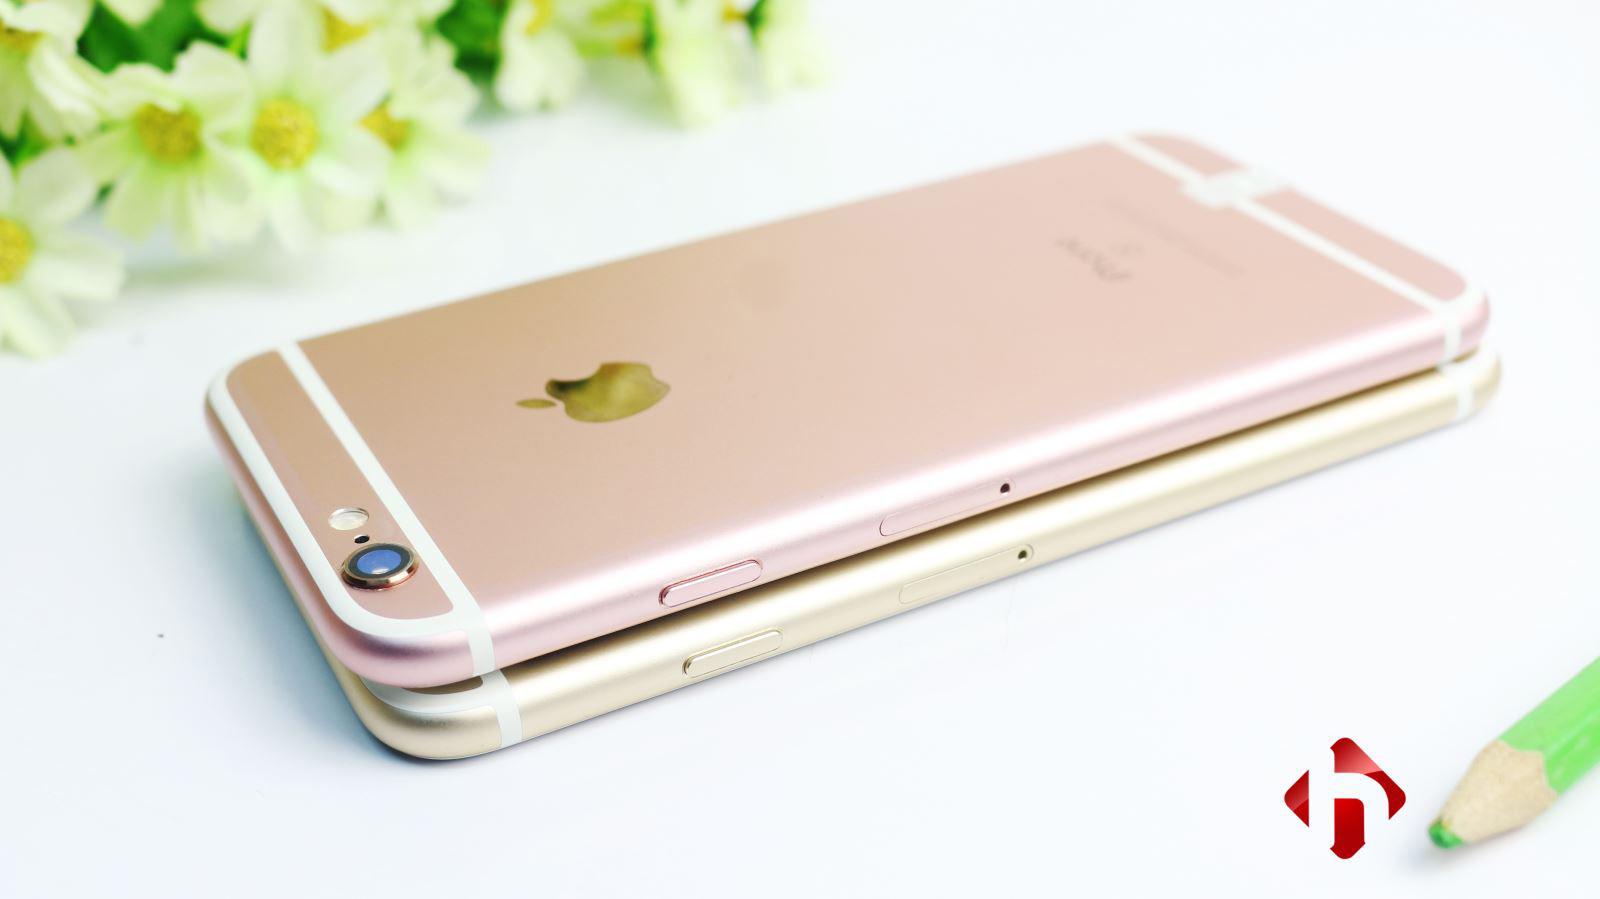 Sở hữu thiết kế gần như giống hệt nhau của iPhone 6 và 6s